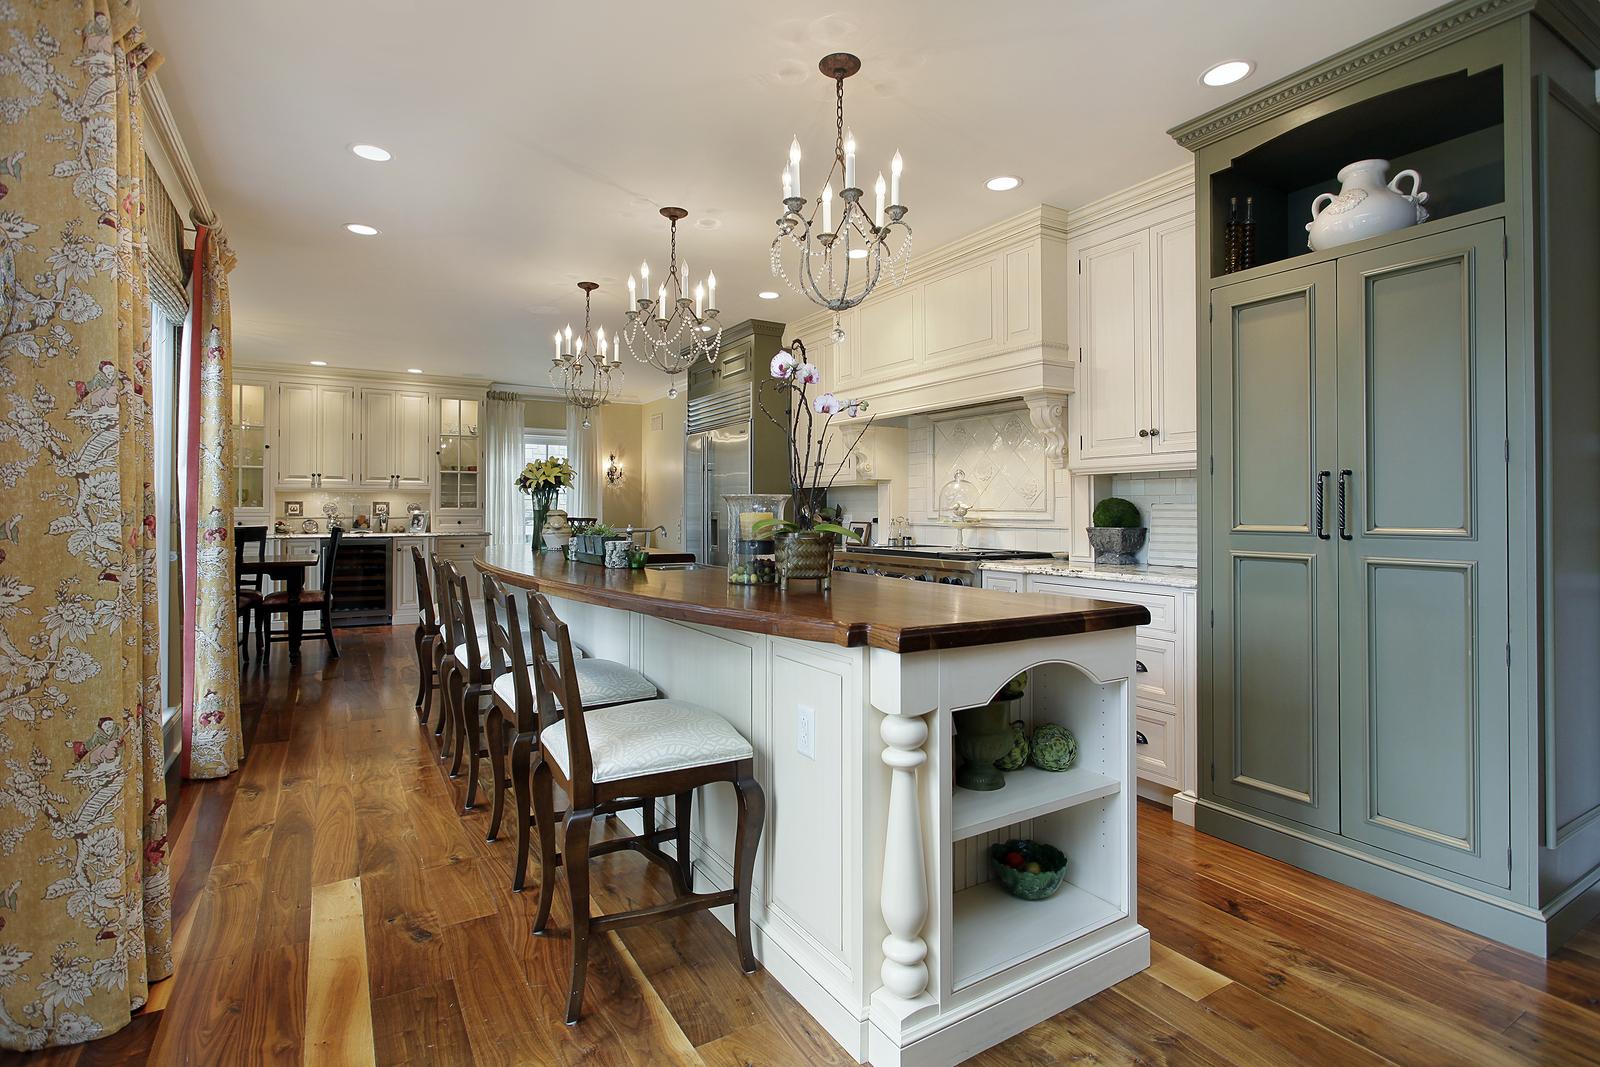 kitchen island design ideas for 2017